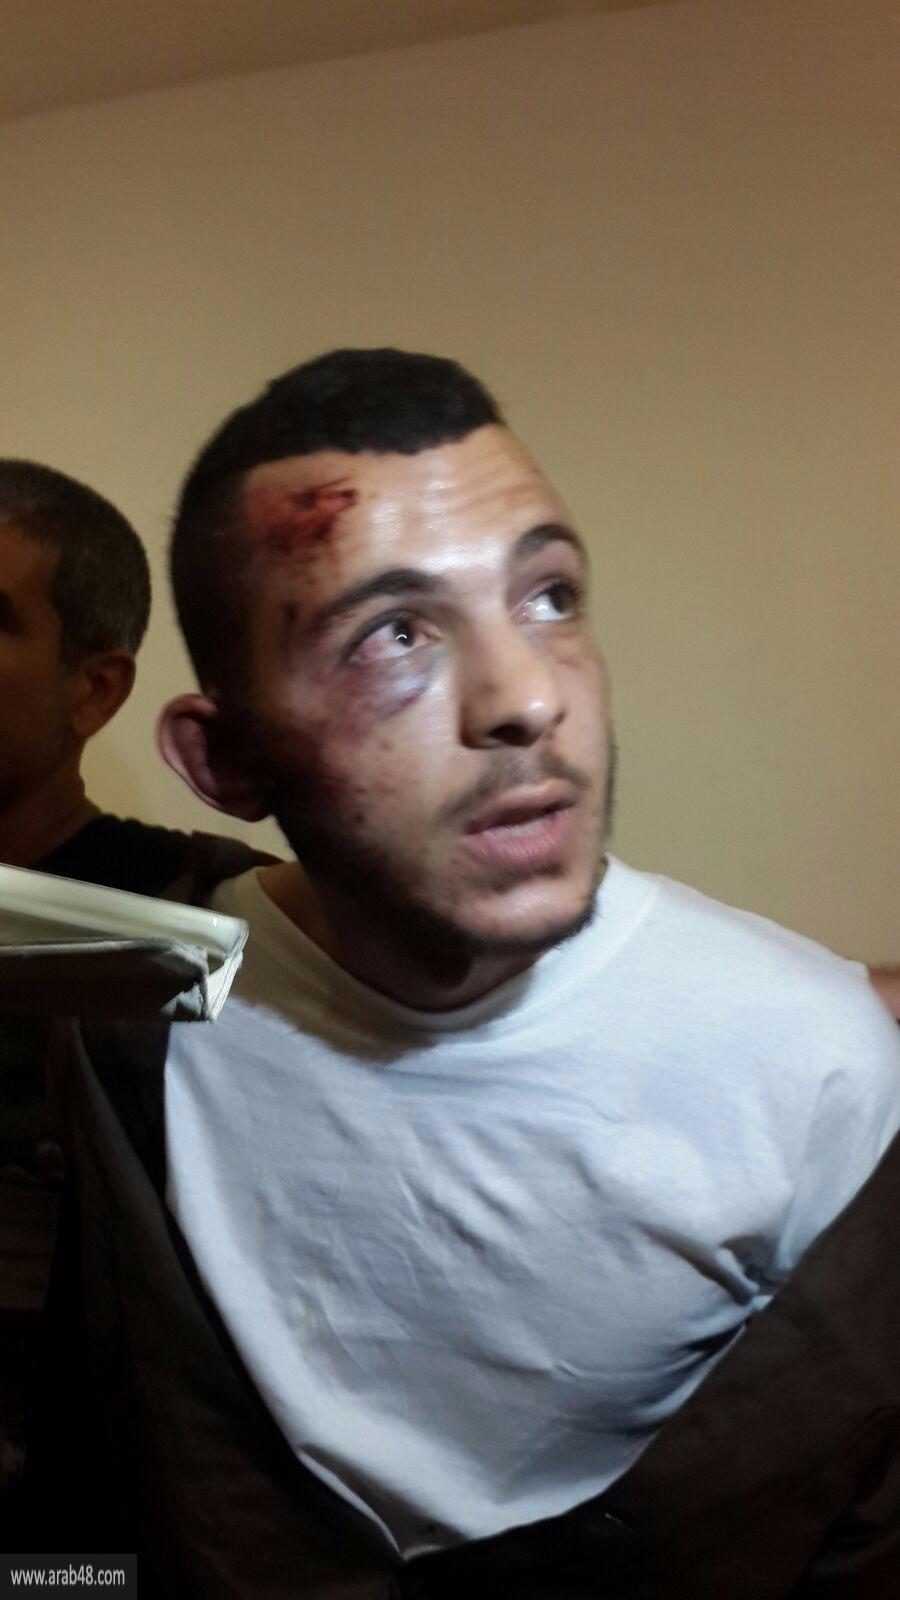 زيود أثناء تمديد اعتقاله: حادث طرق وليست عملية طعن